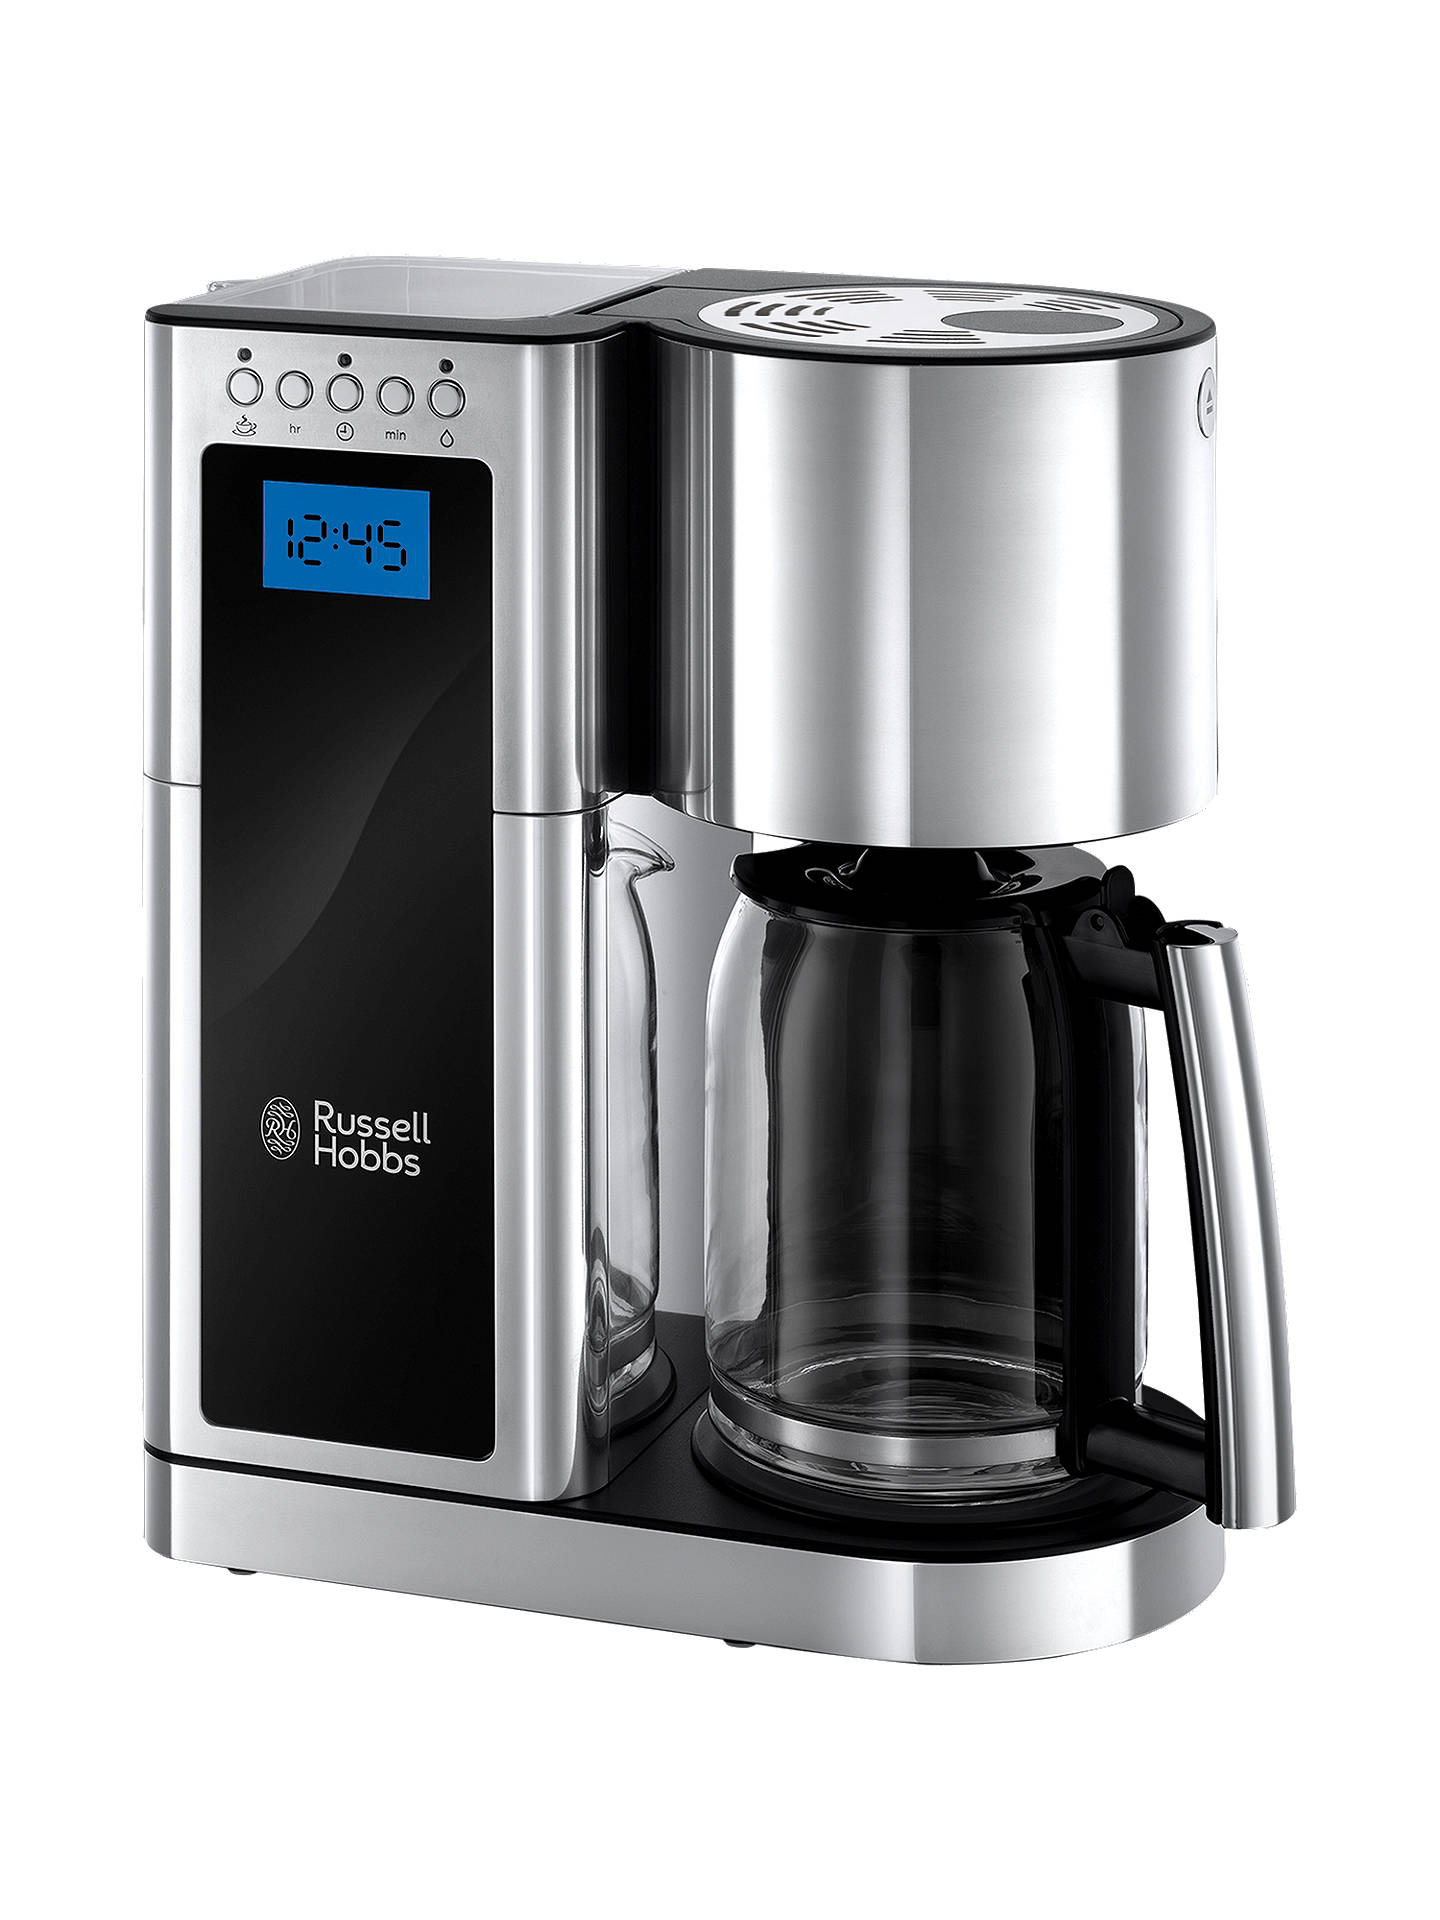 Russell Hobbs 23370 Elegance Filter Coffee Maker Black